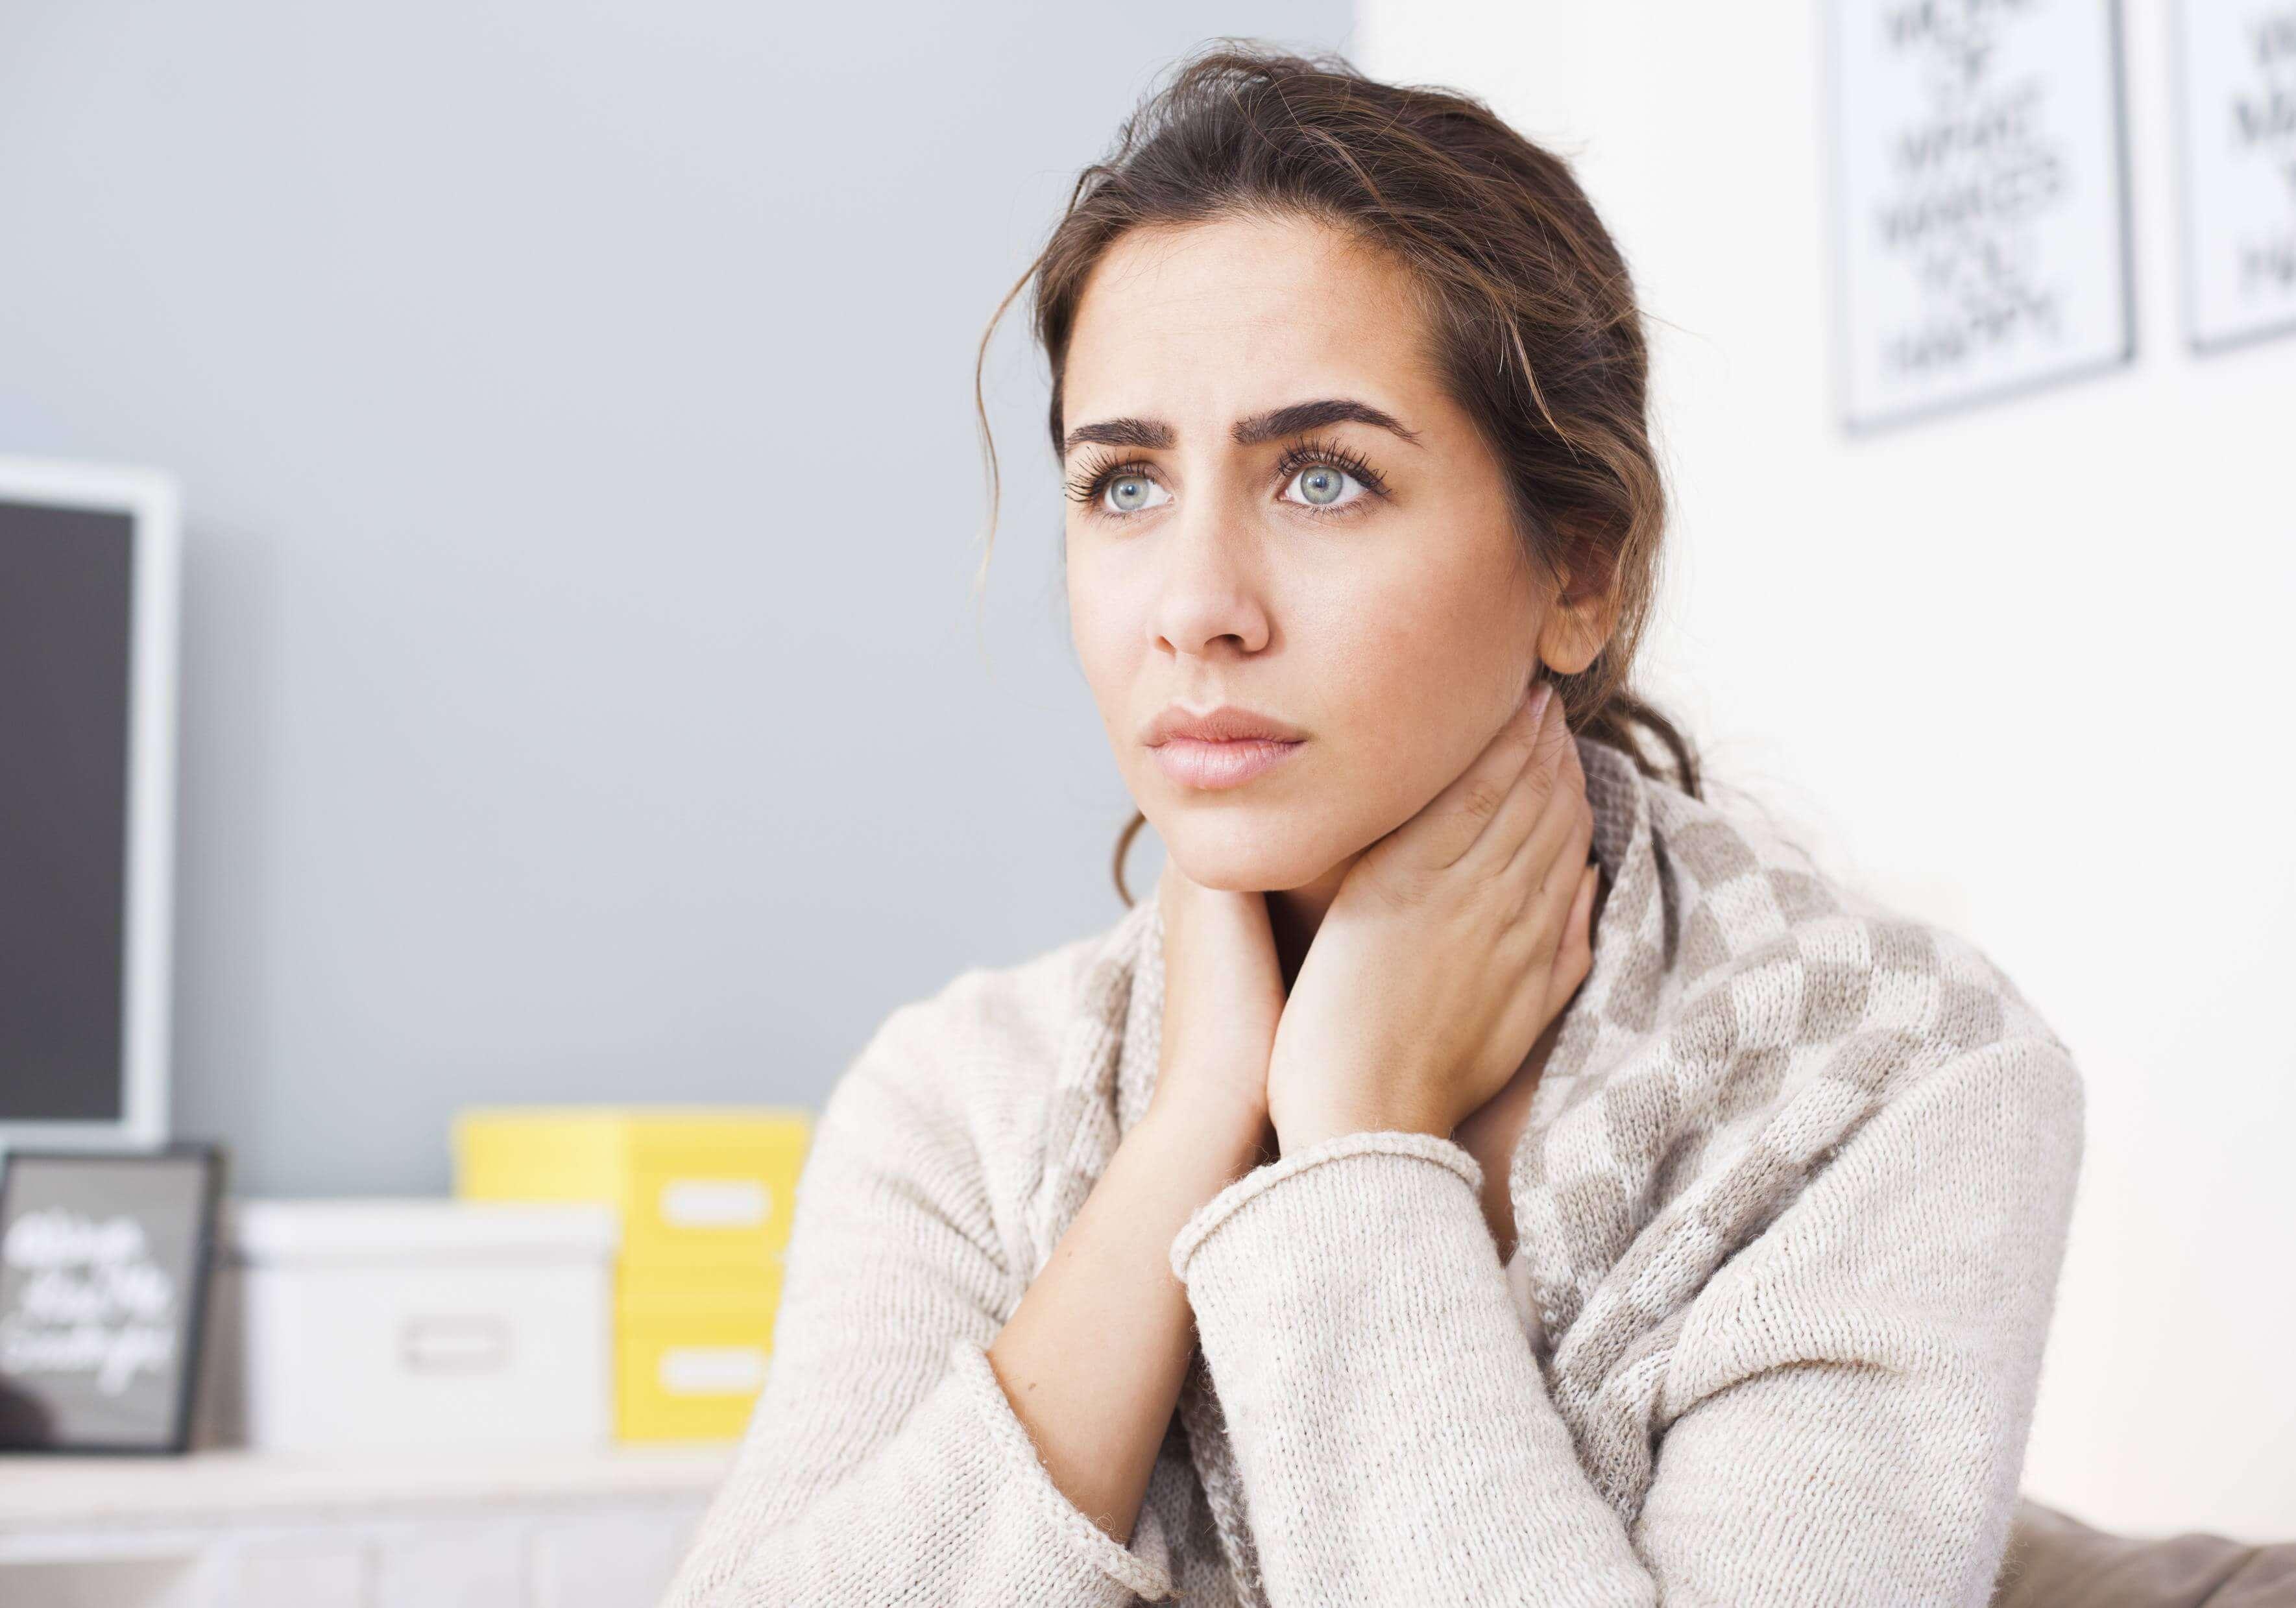 Какая бывает ангина? — Формы заболевания, их симптомы и лечение